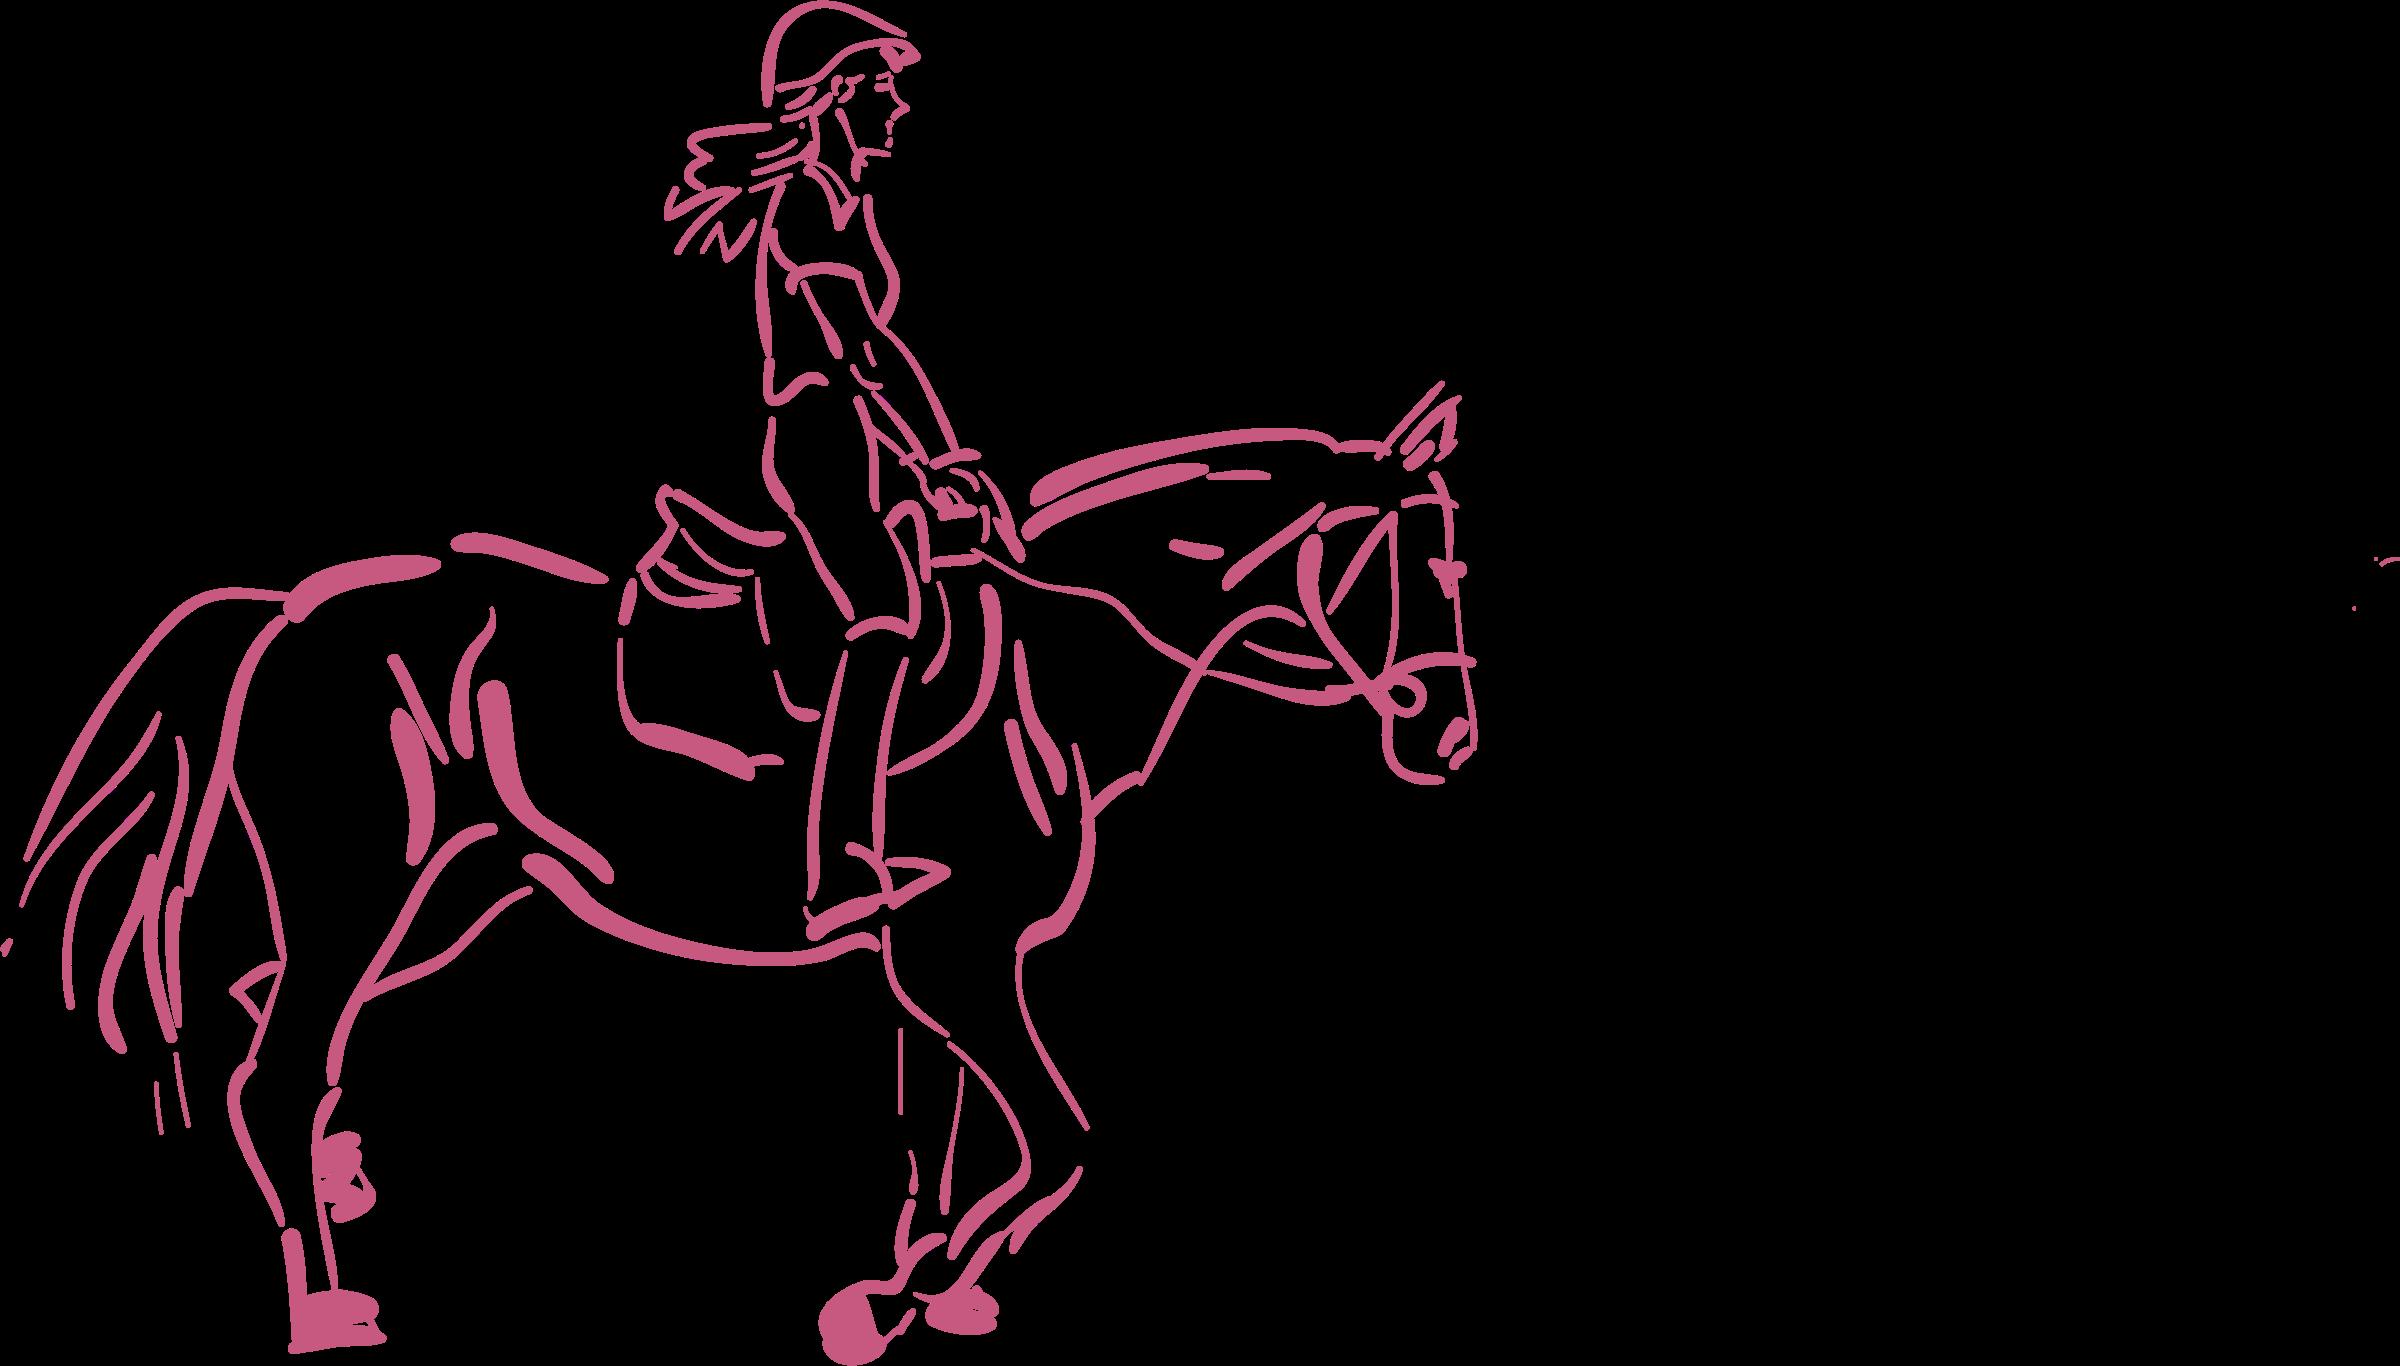 Girl horse riding cartoon